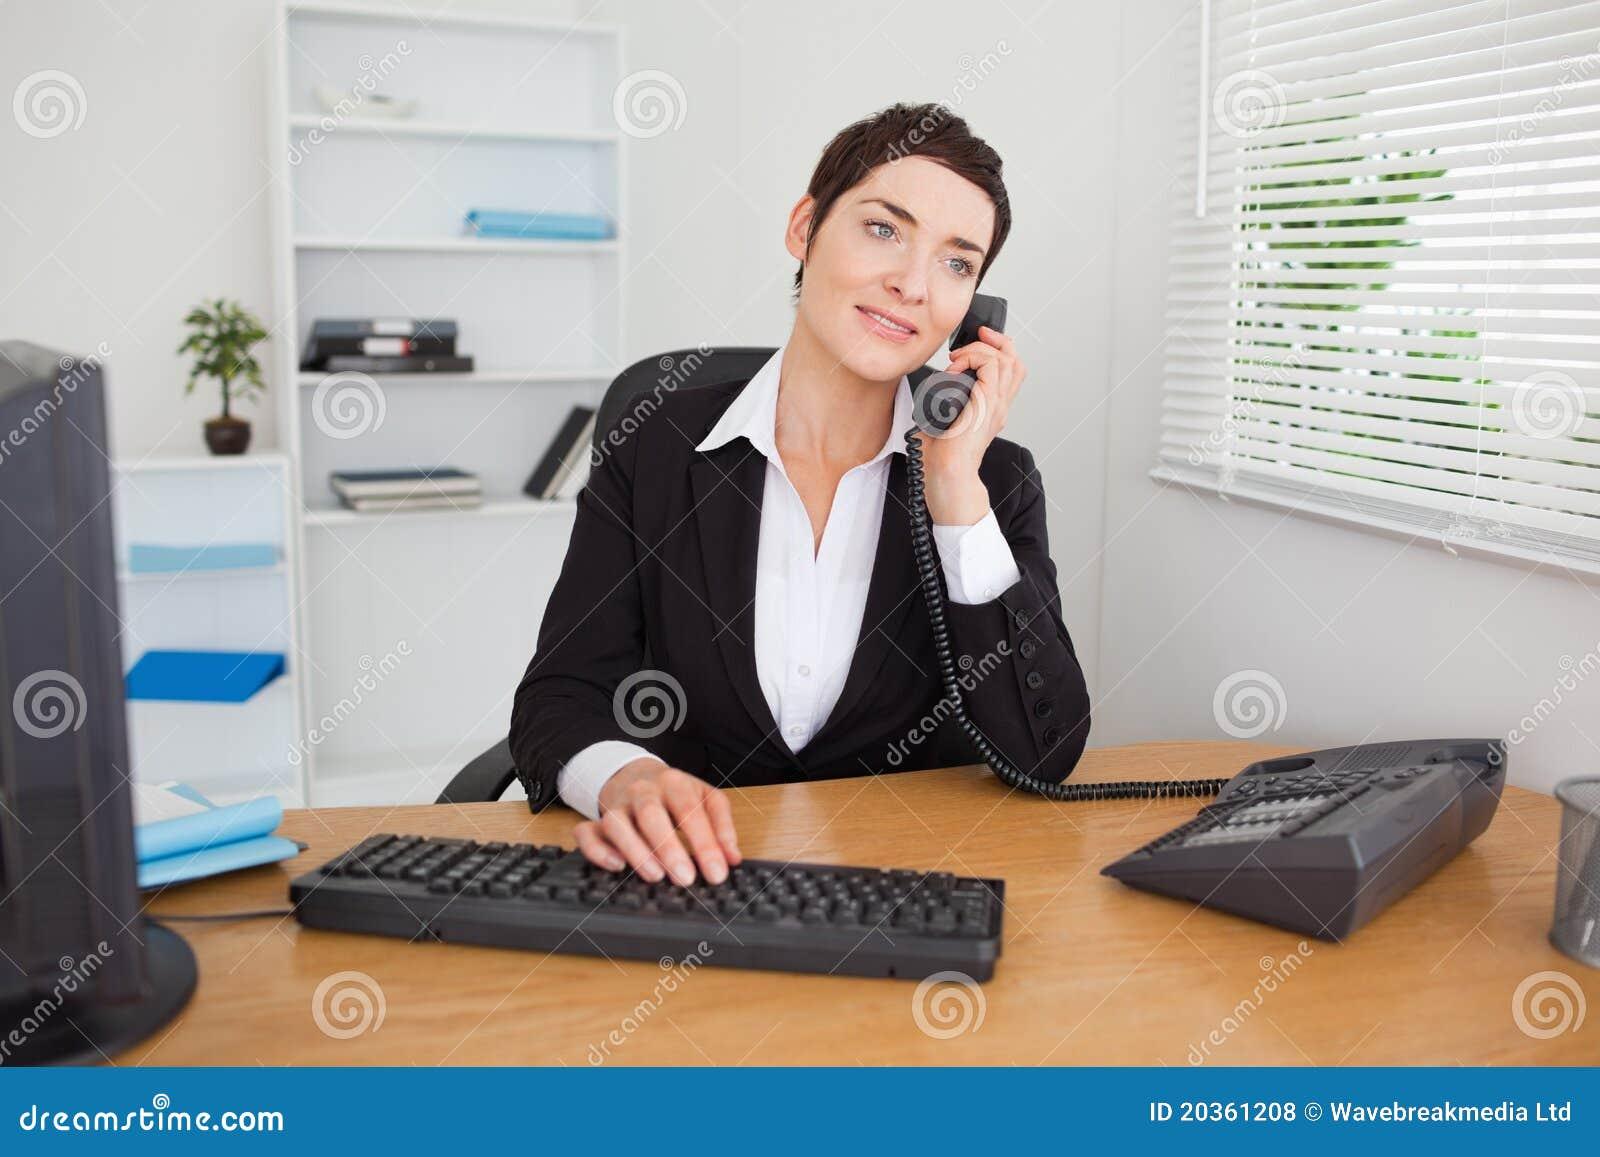 Segretaria che risponde al telefono